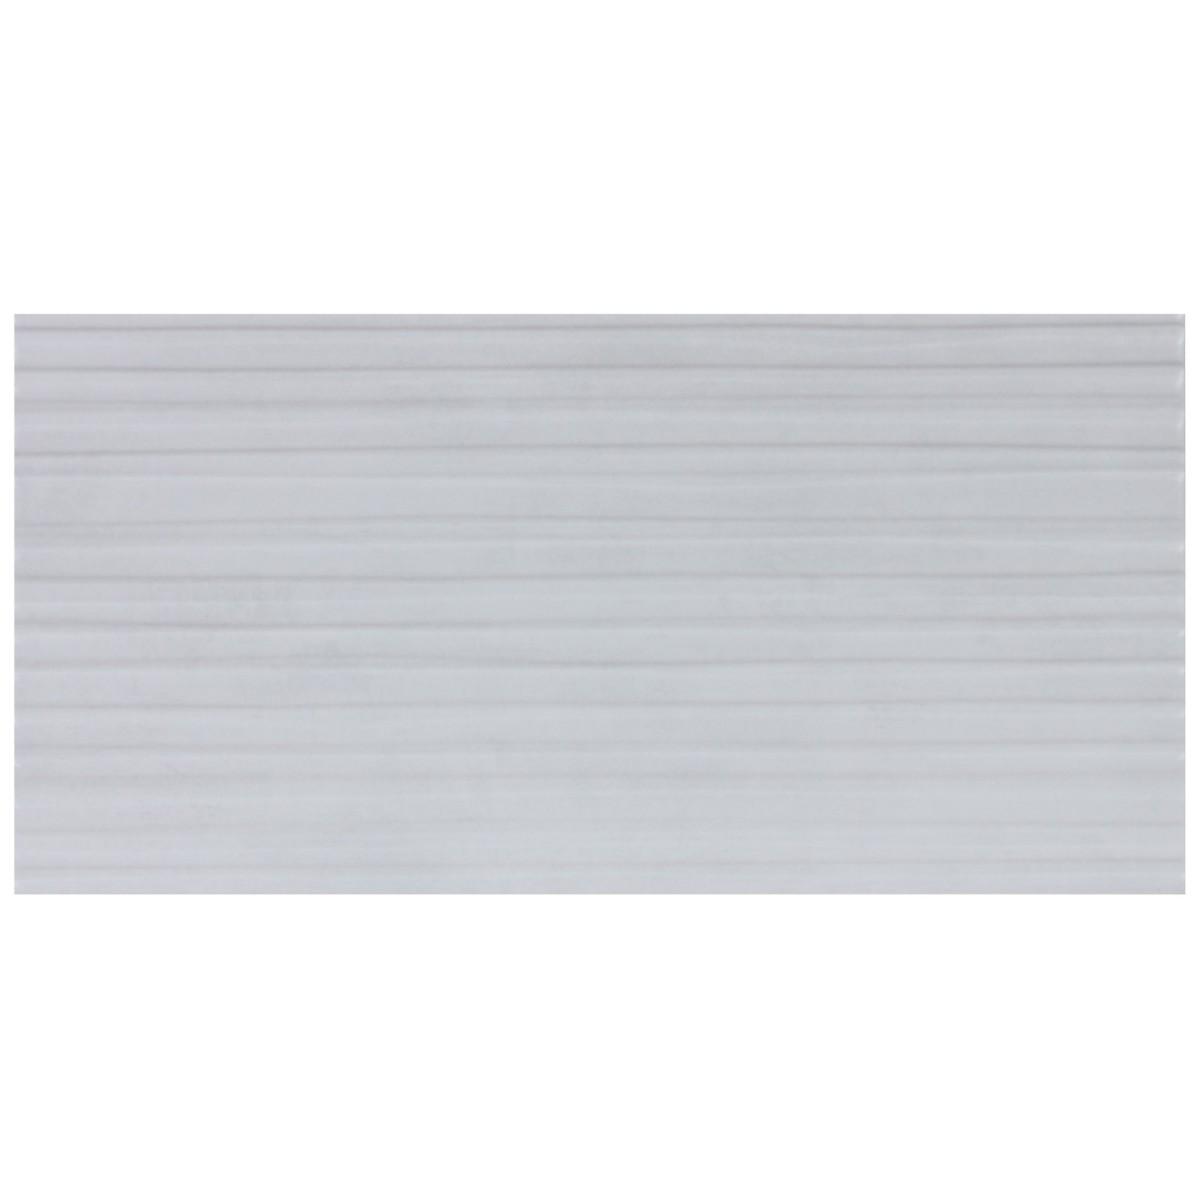 Плитка настенная Новус Рельефо 30х60 см 1.62 м² цвет белый